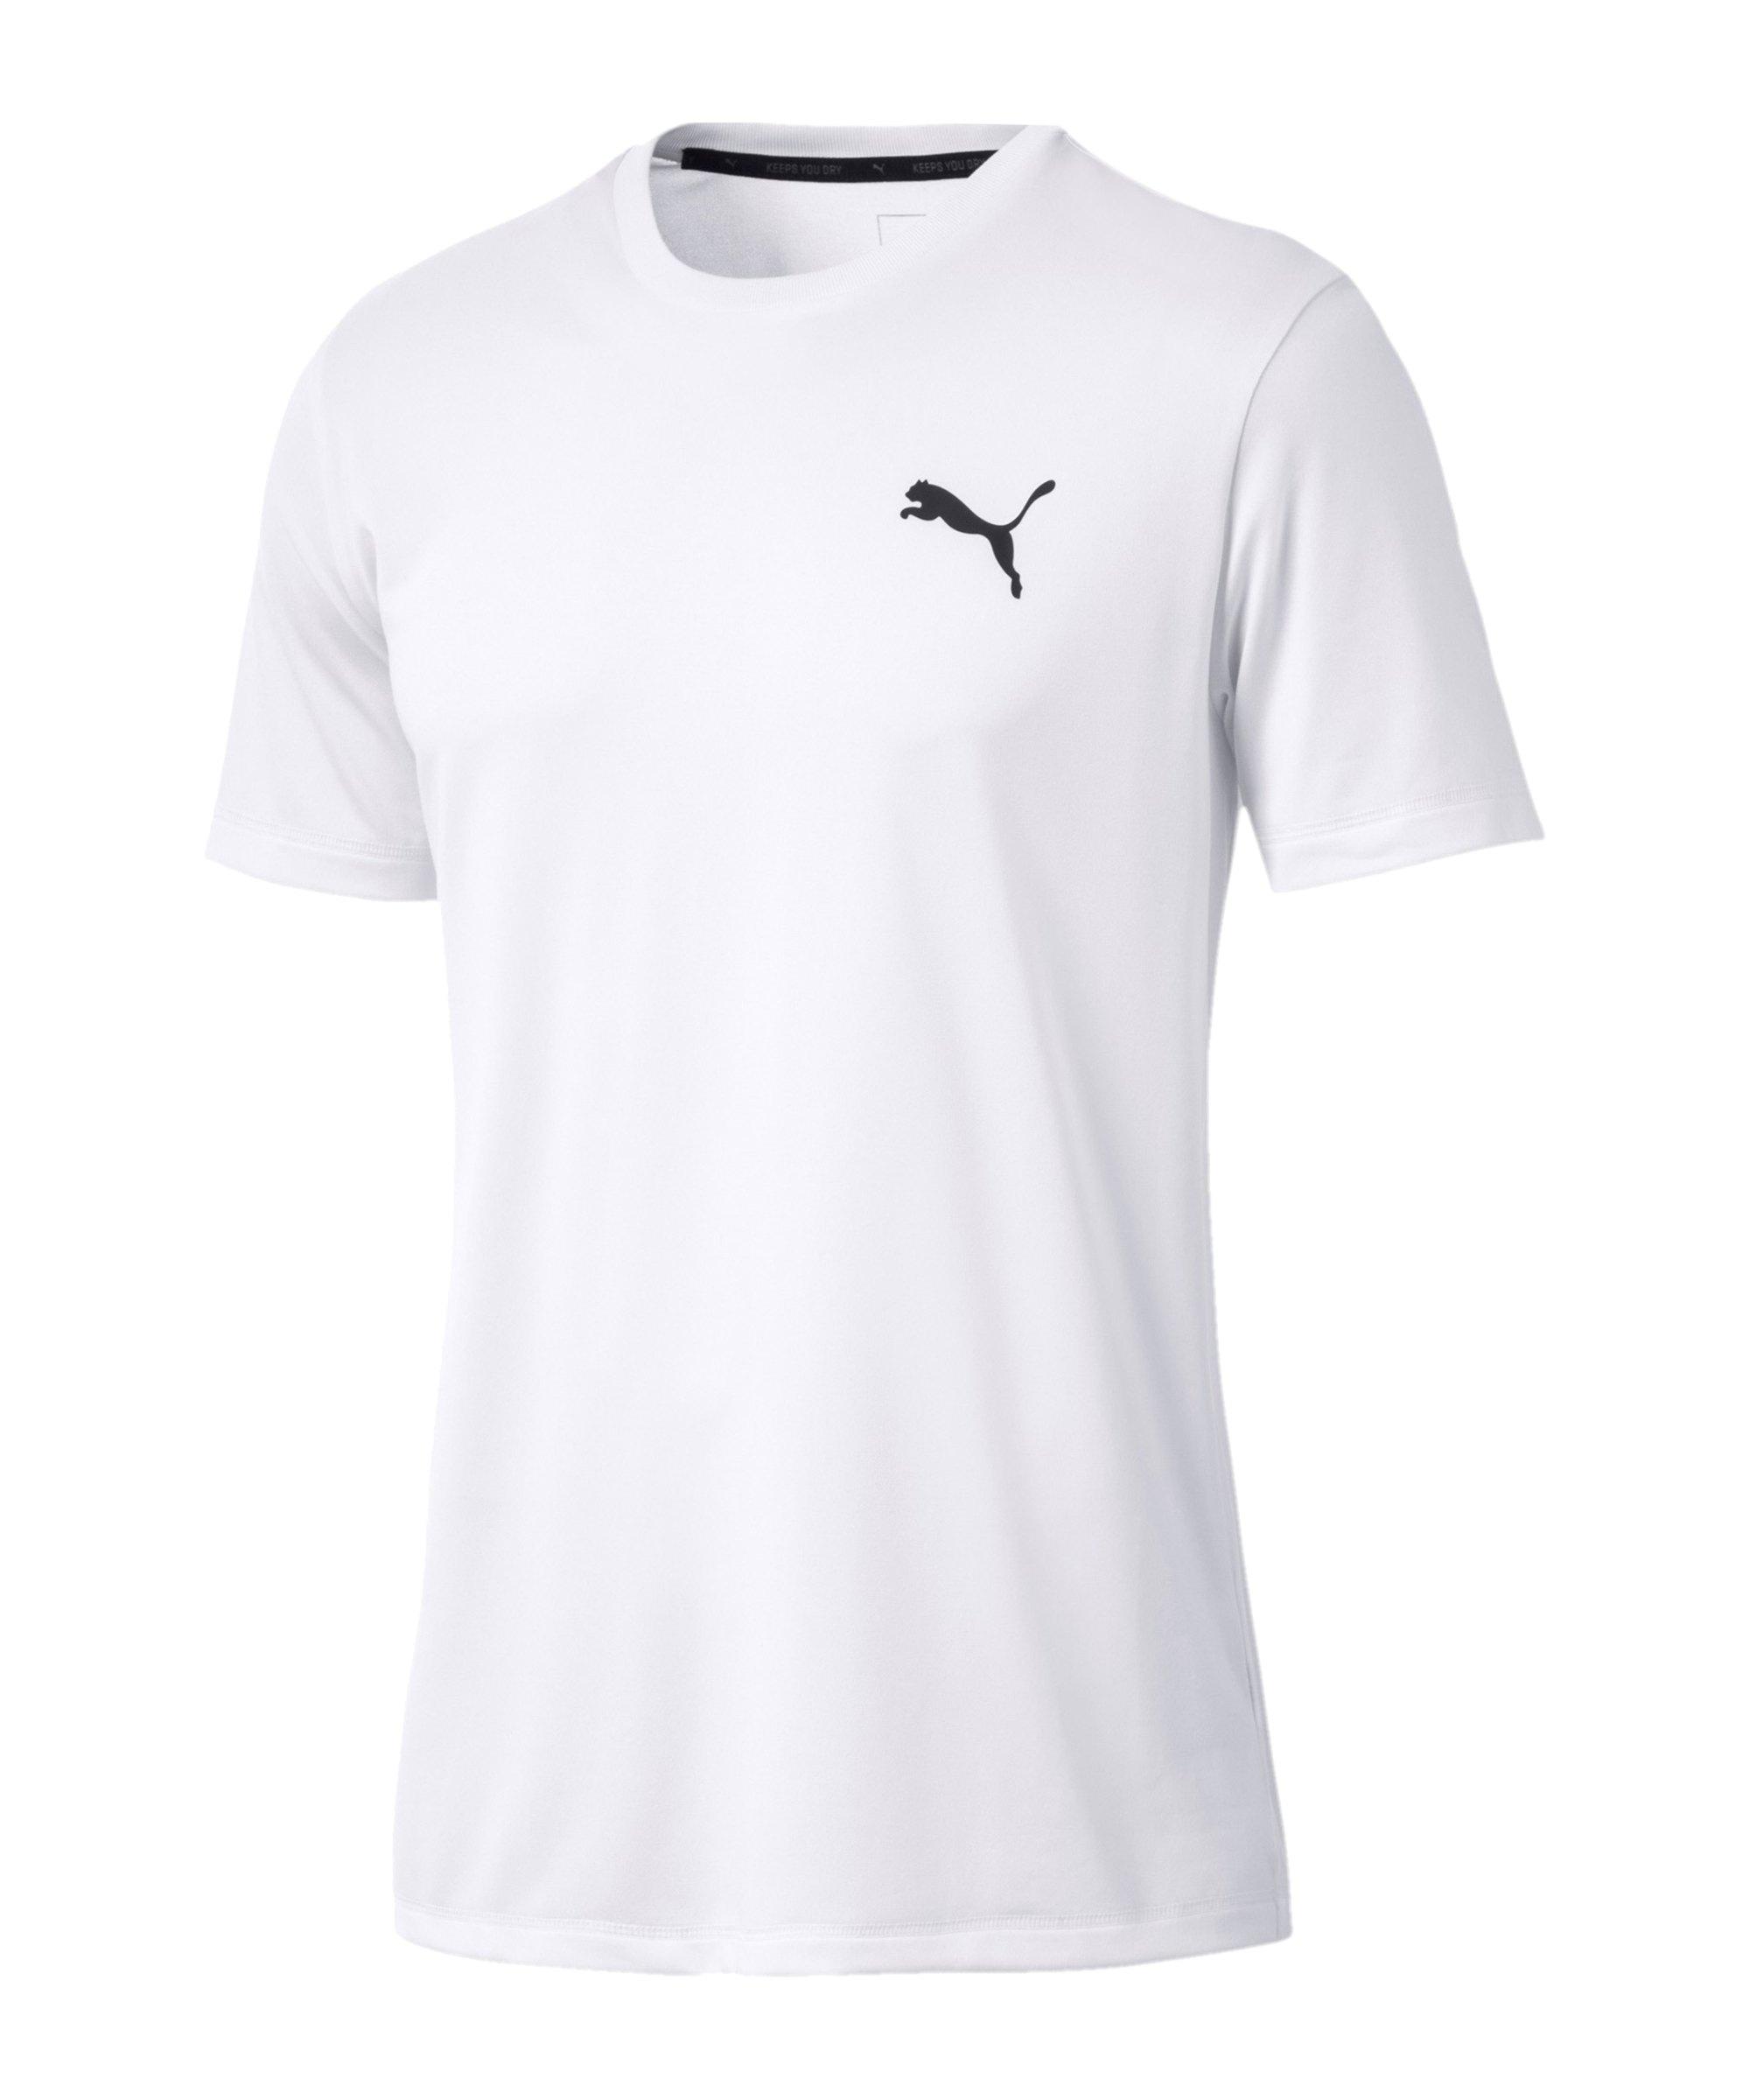 PUMA Active T-Shirt Weiss F02 - weiss